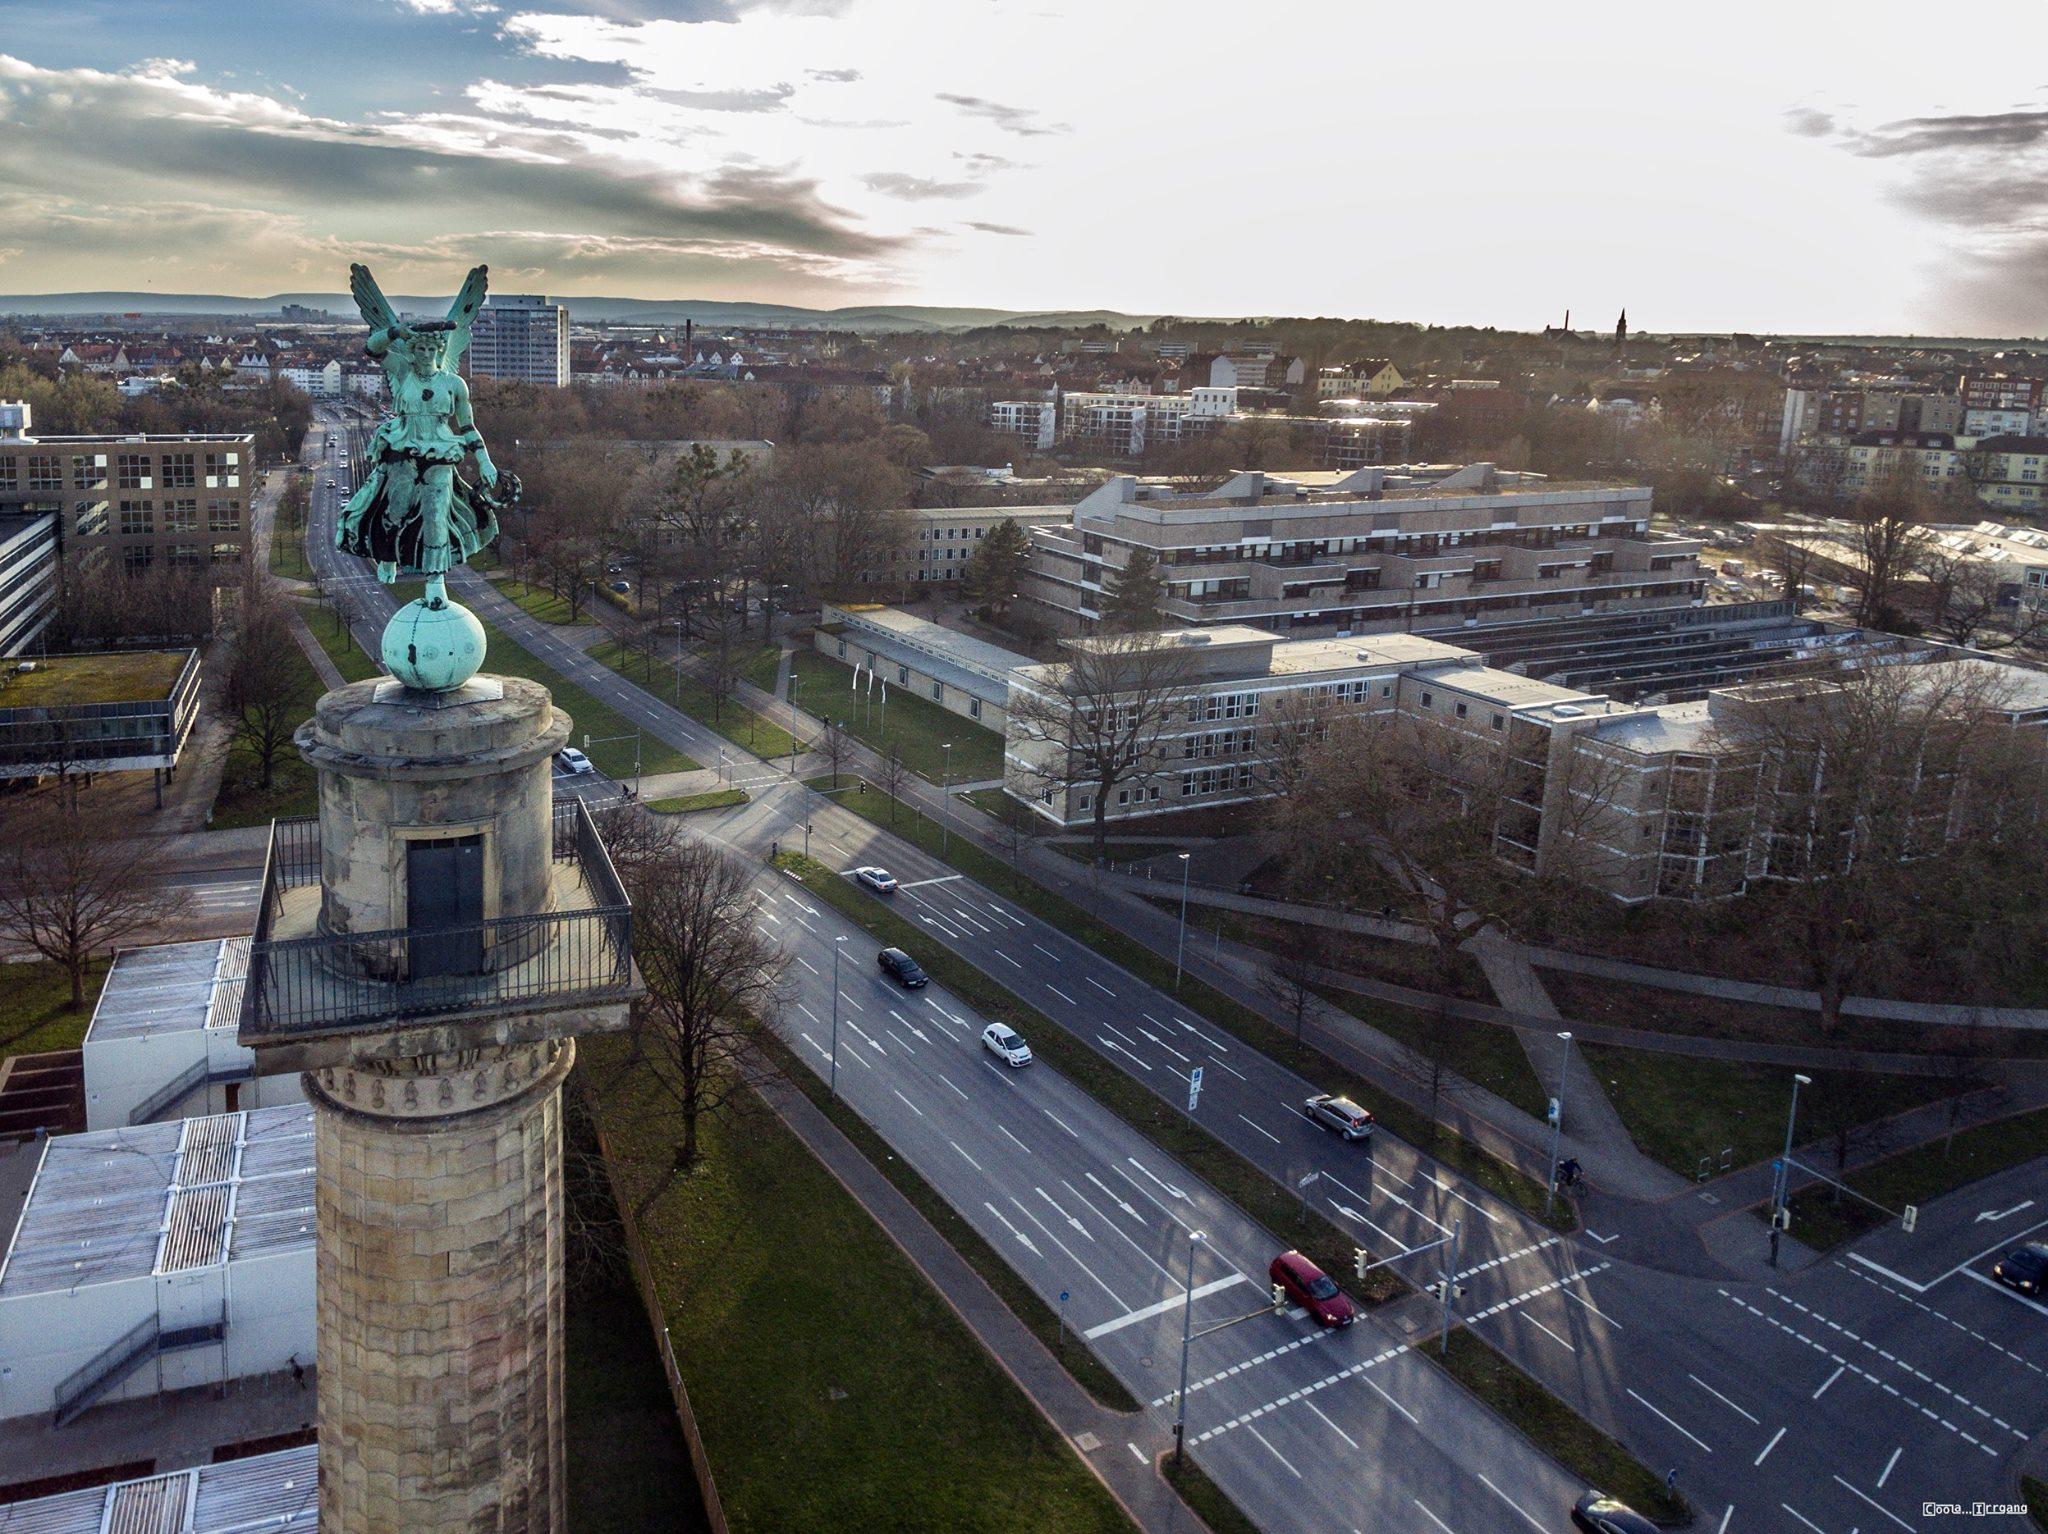 Waterloosäule Hannover